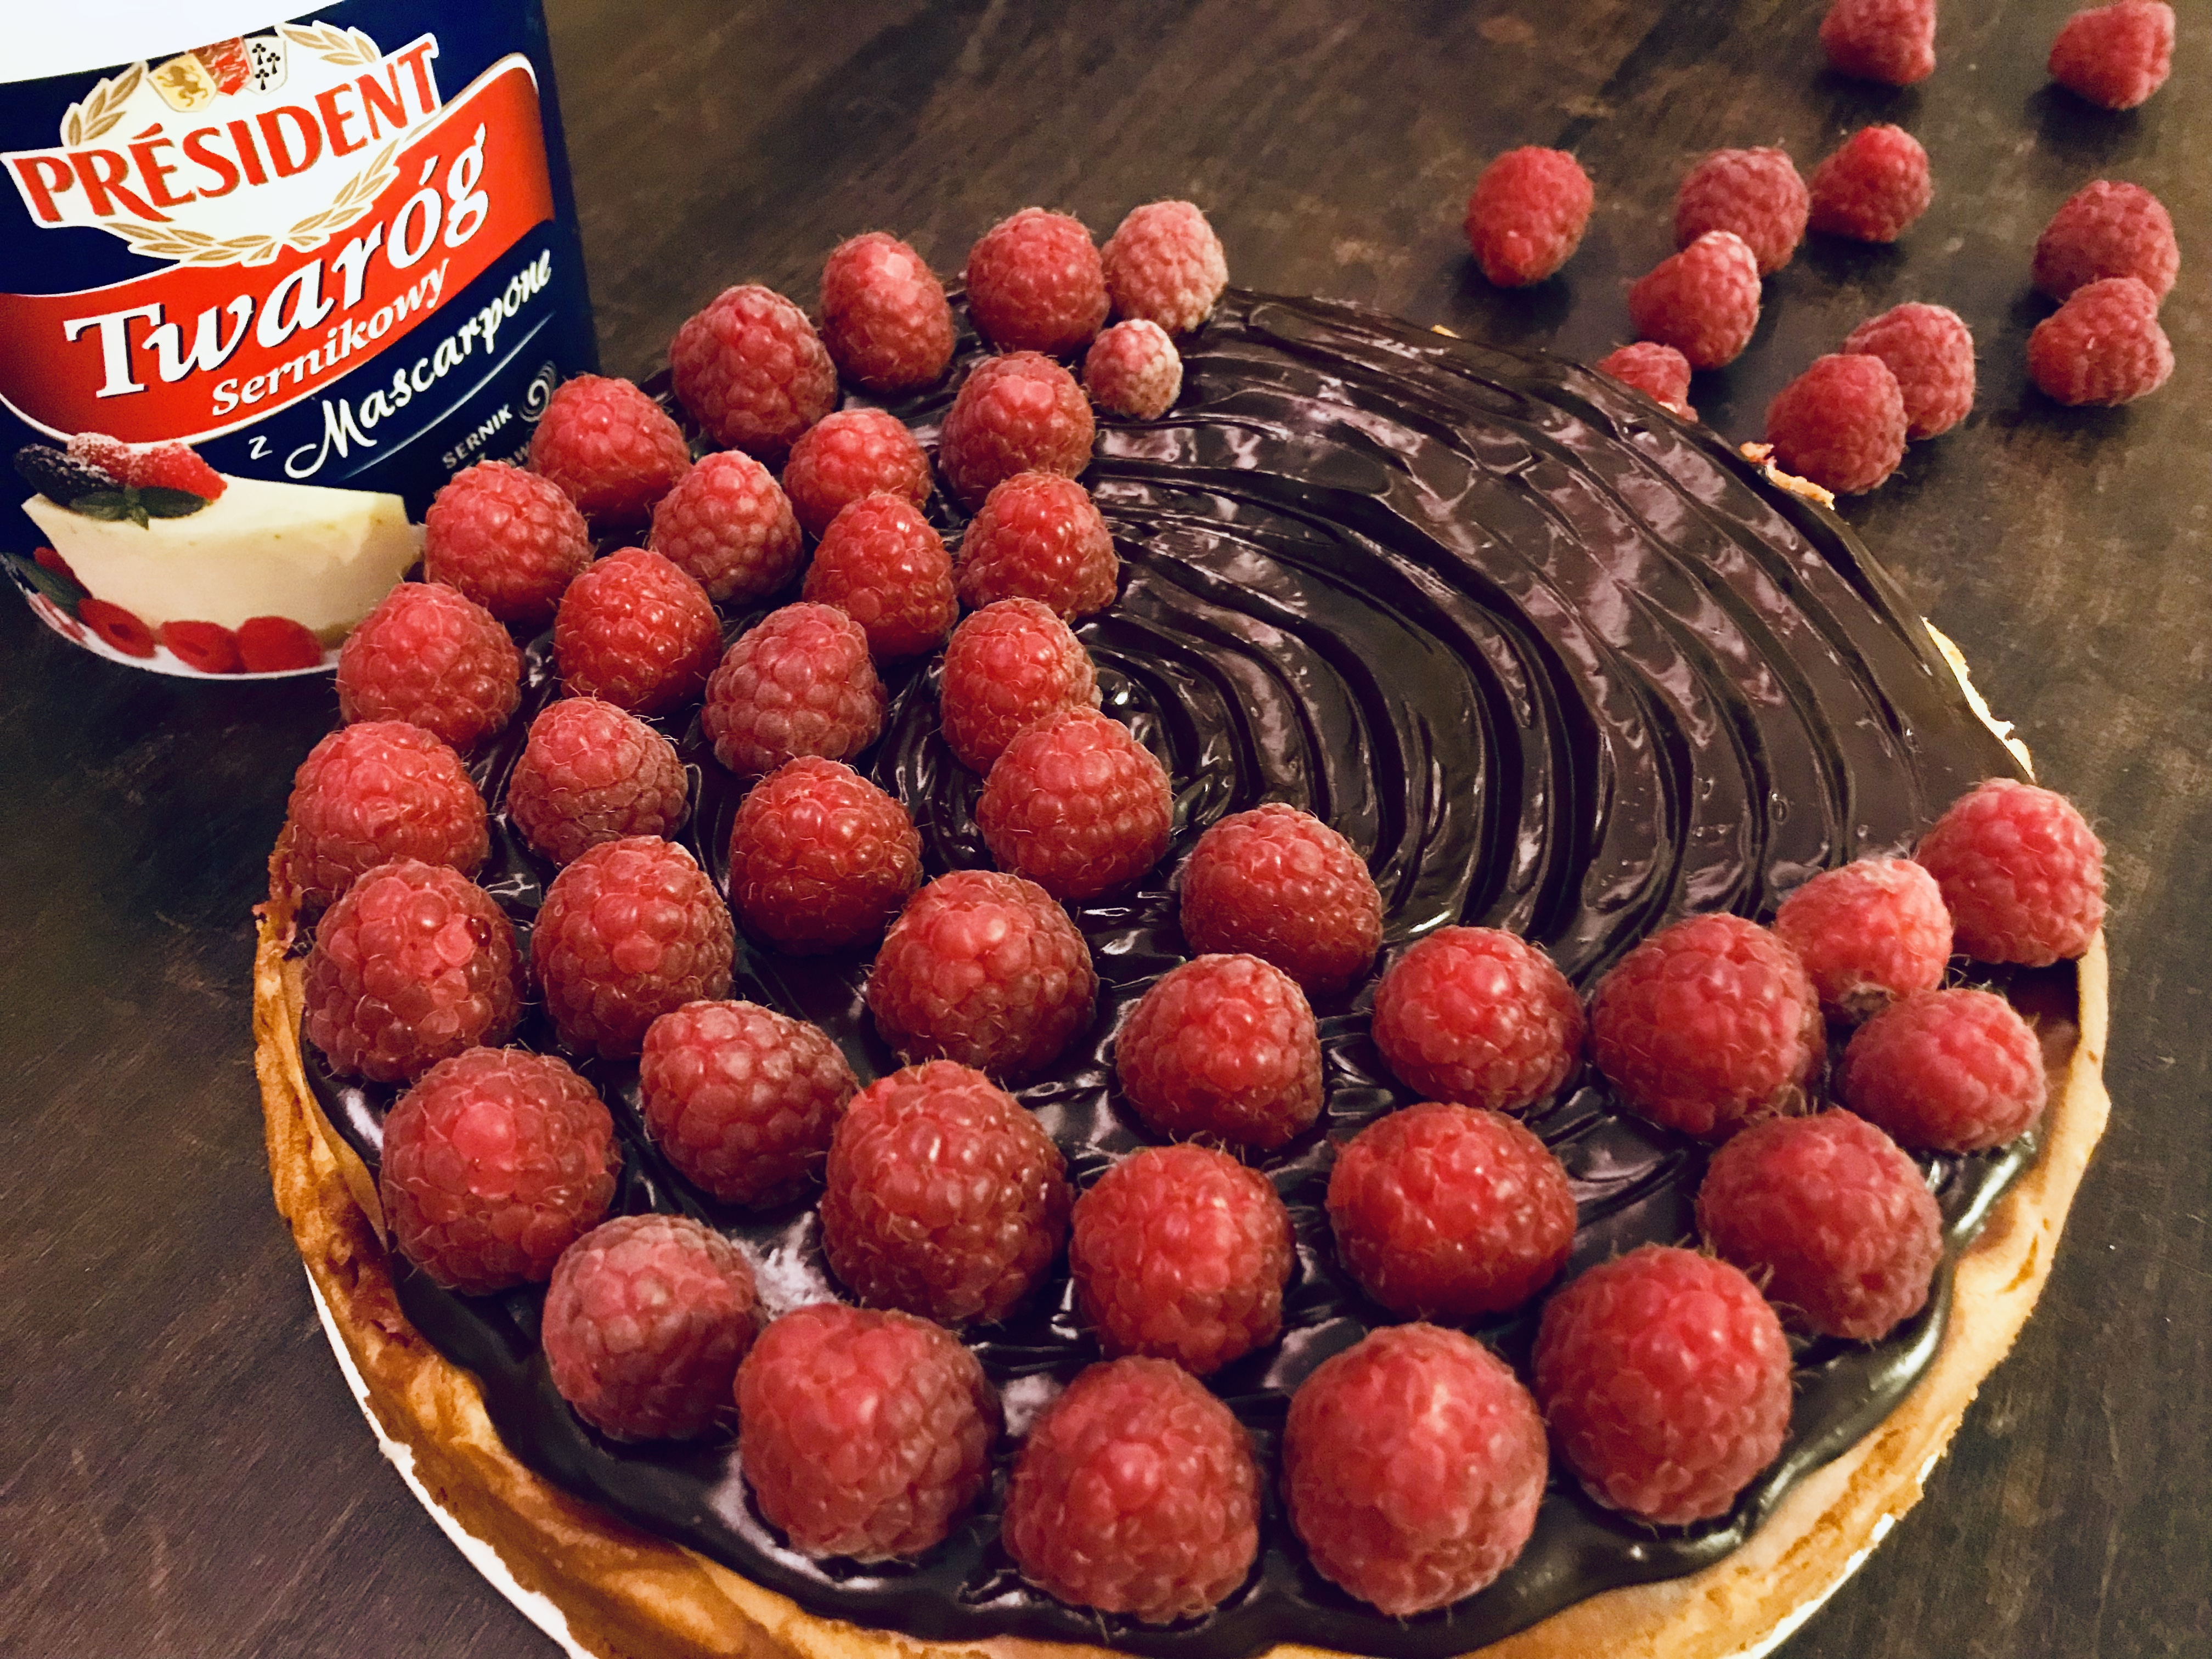 Sernik na parzonym cieście z malinami i kremem czekoladowym.